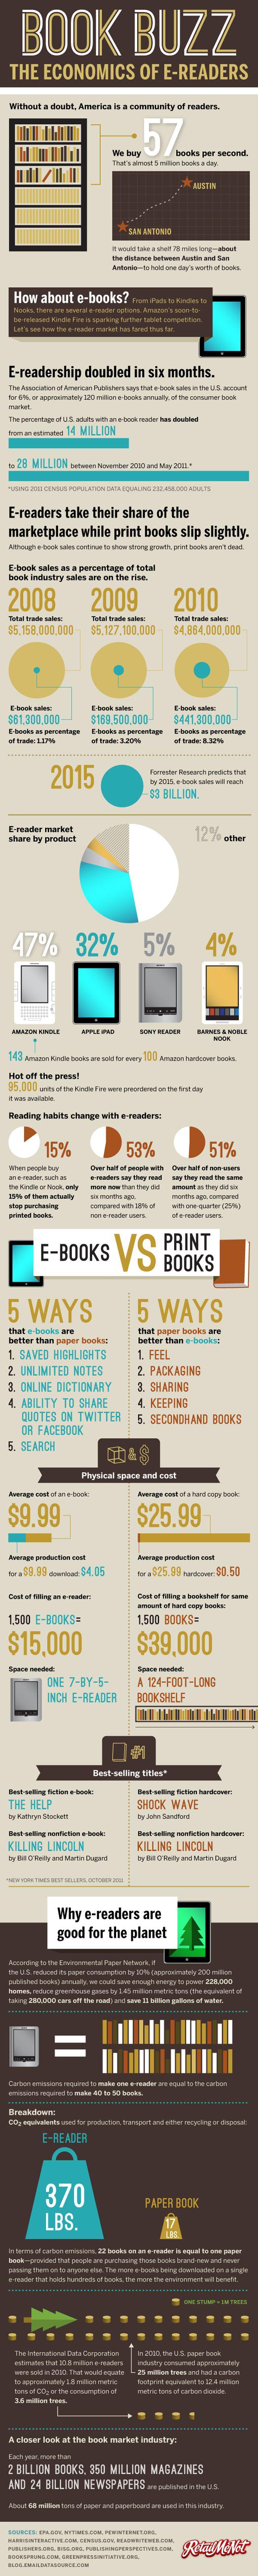 Book Buzz,